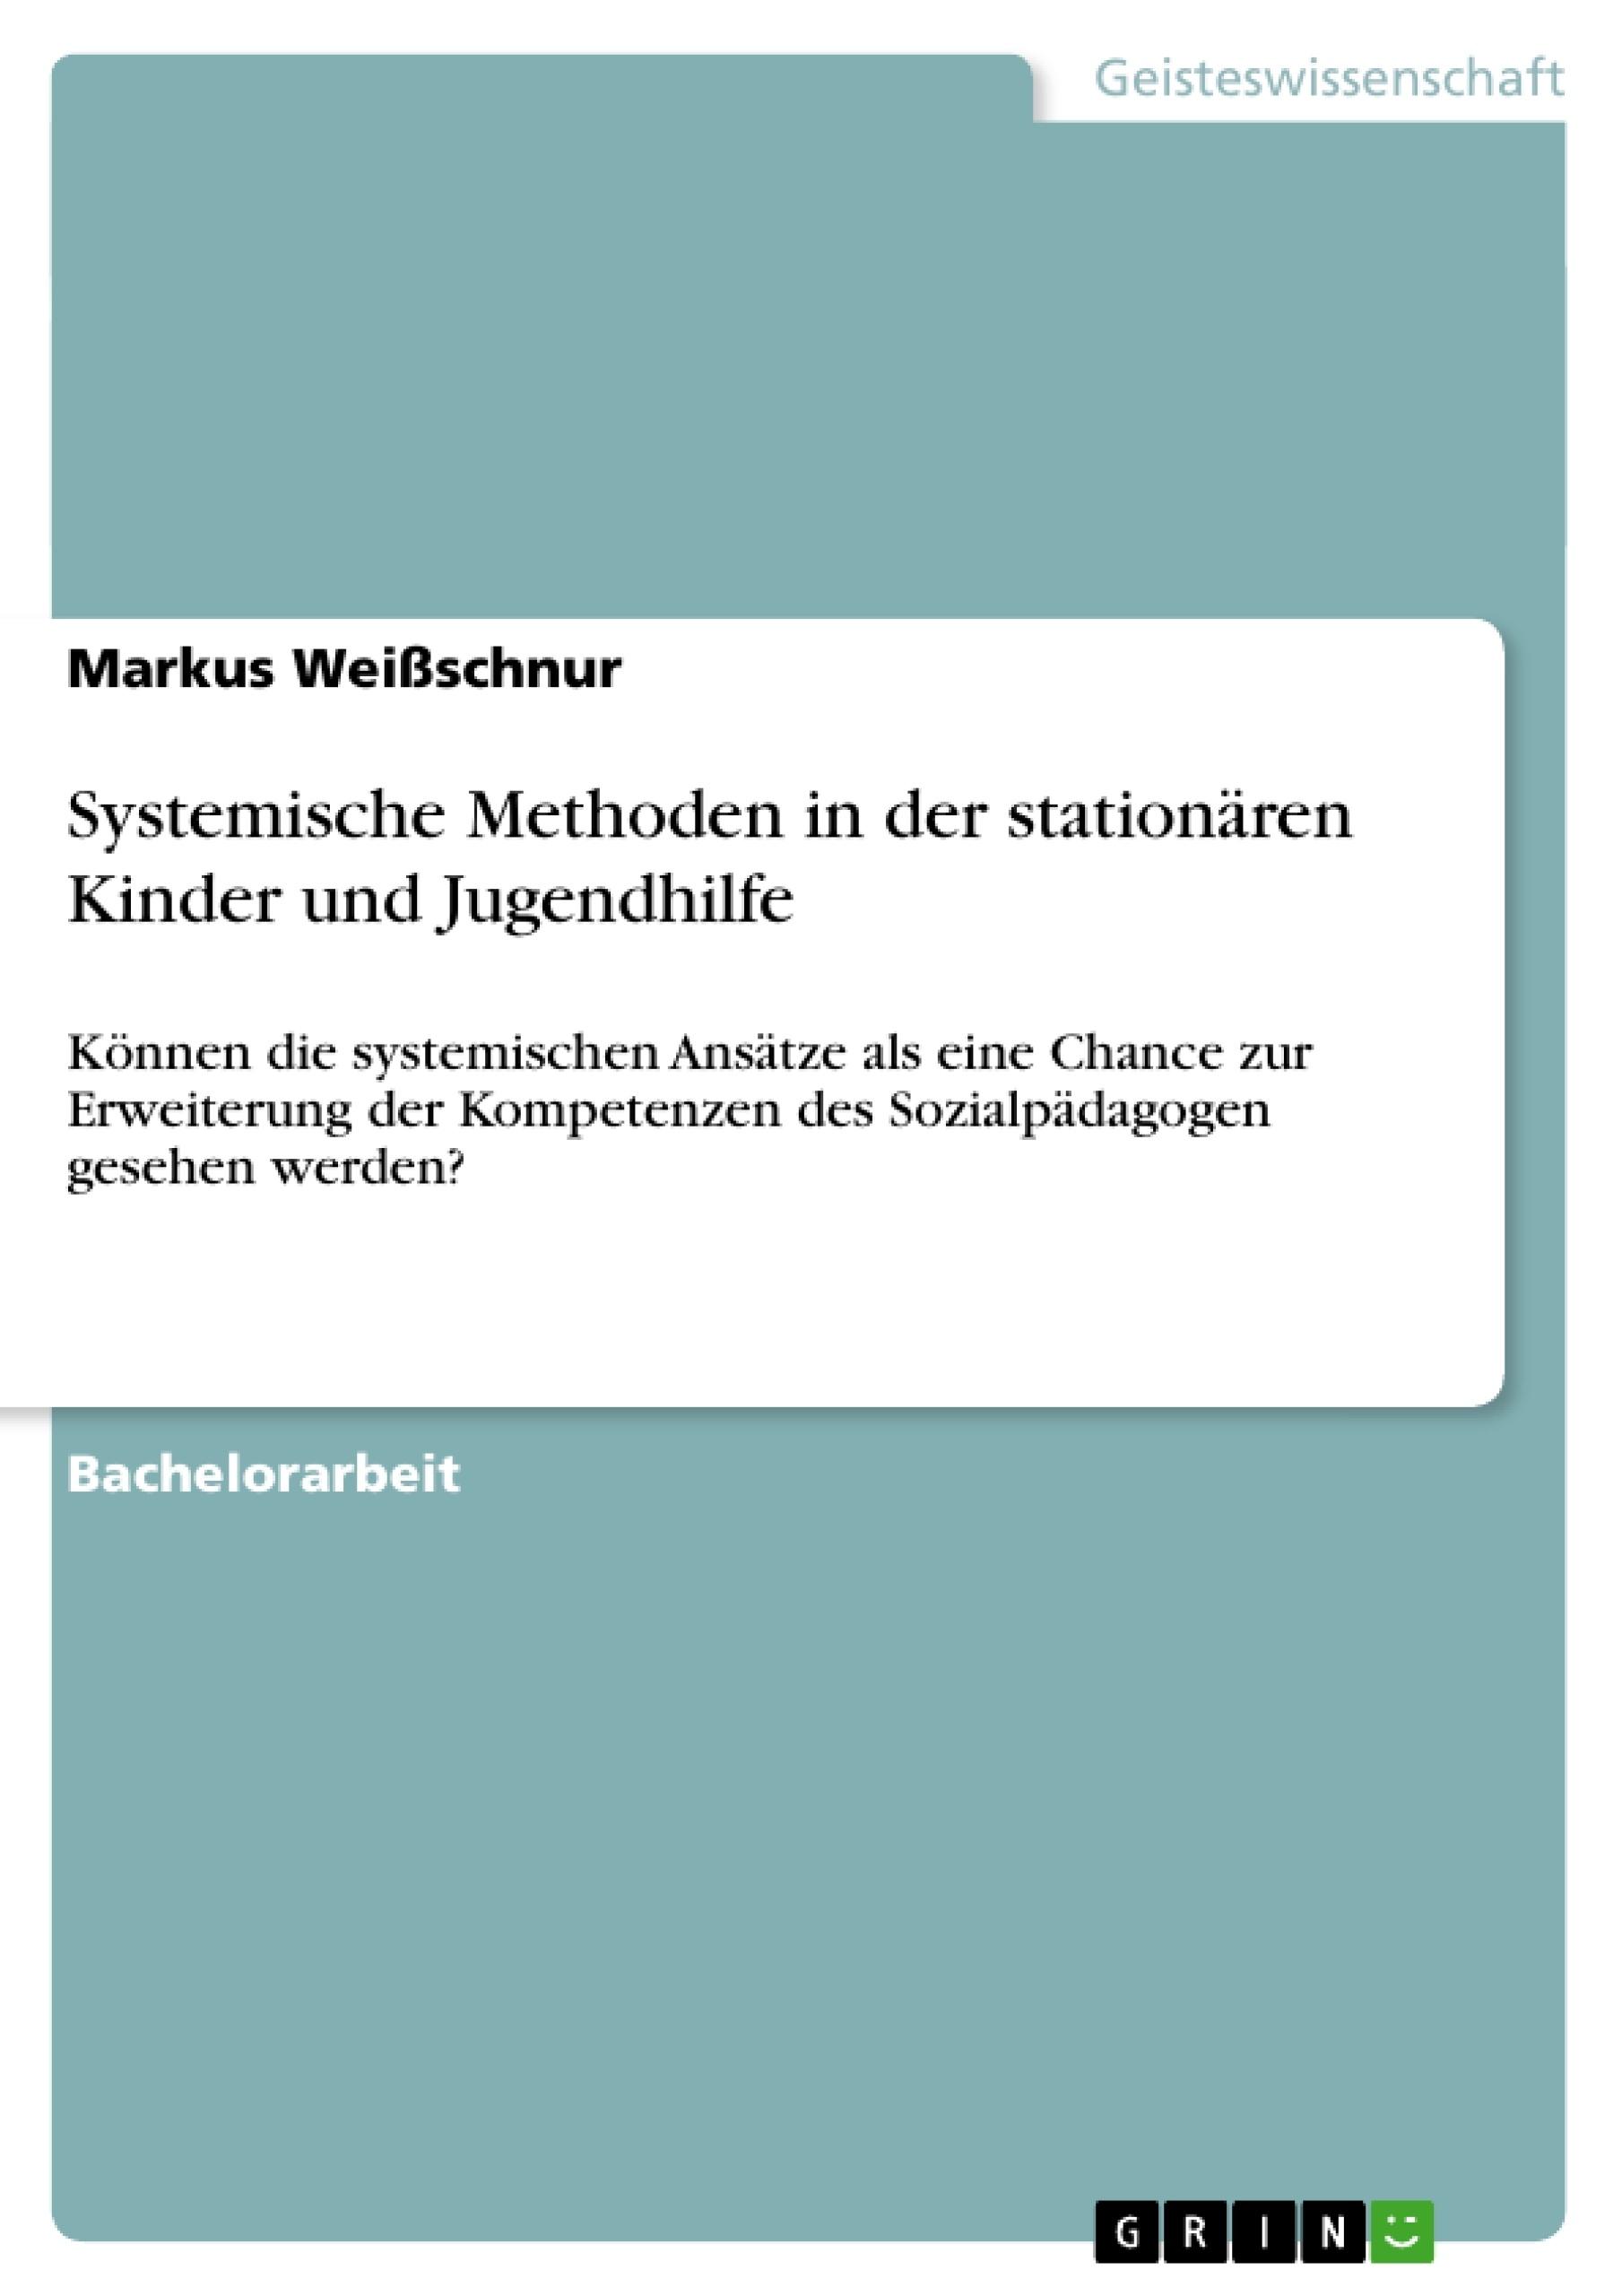 Titel: Systemische Methoden in der stationären Kinder und Jugendhilfe